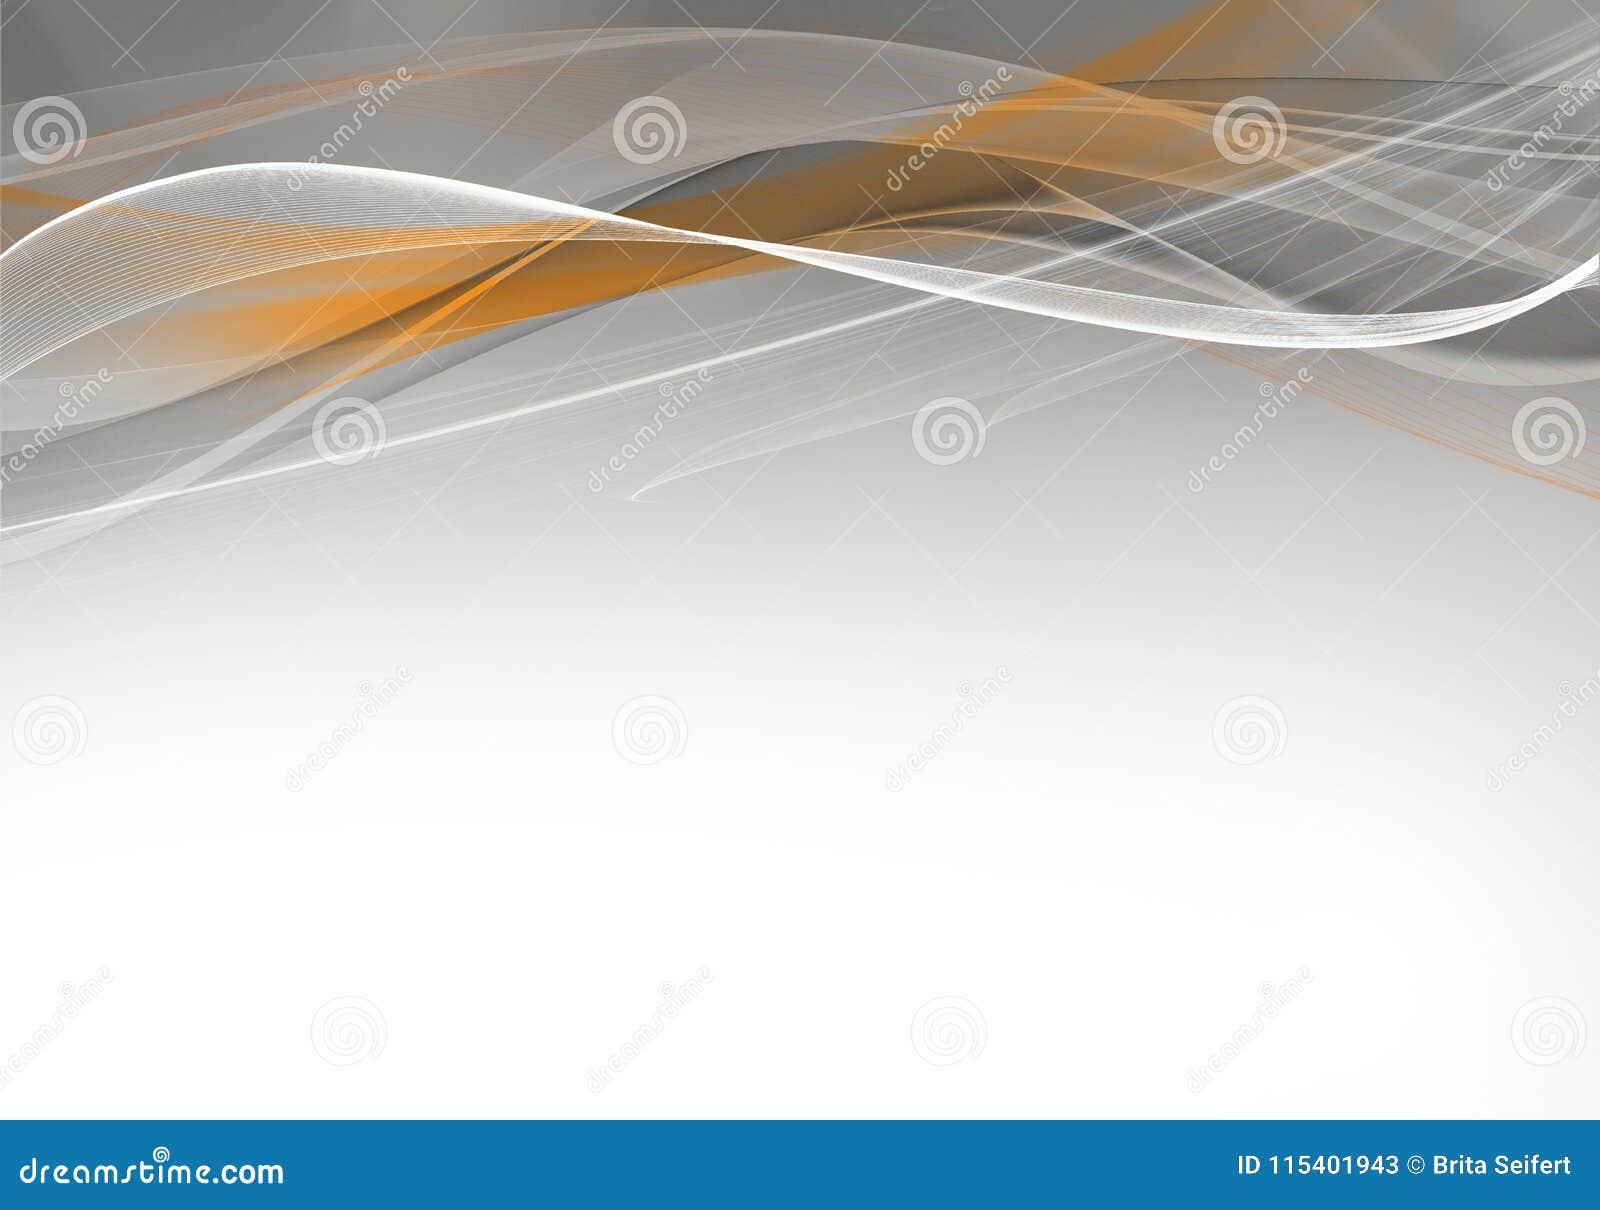 Progettazione grigia ed arancio astratta elegante del fondo